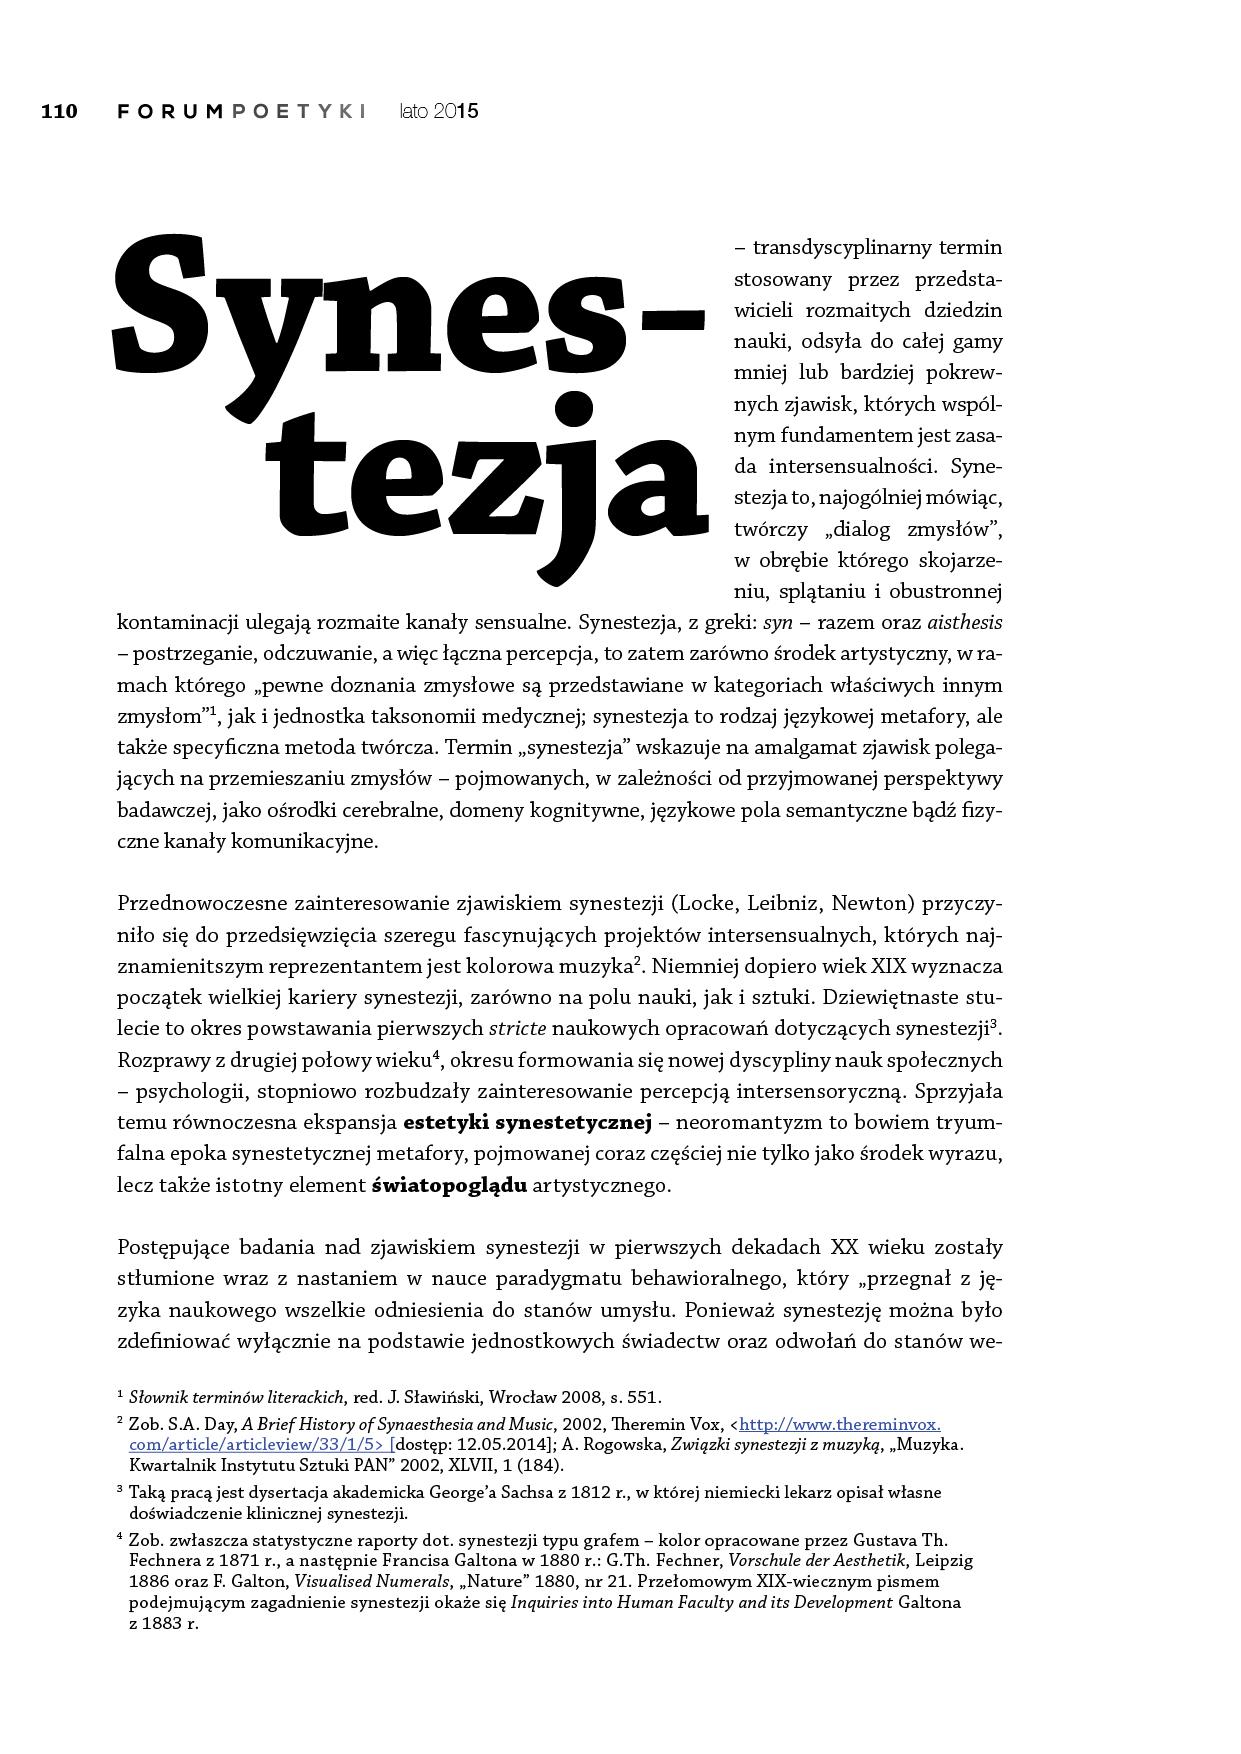 Synestezja